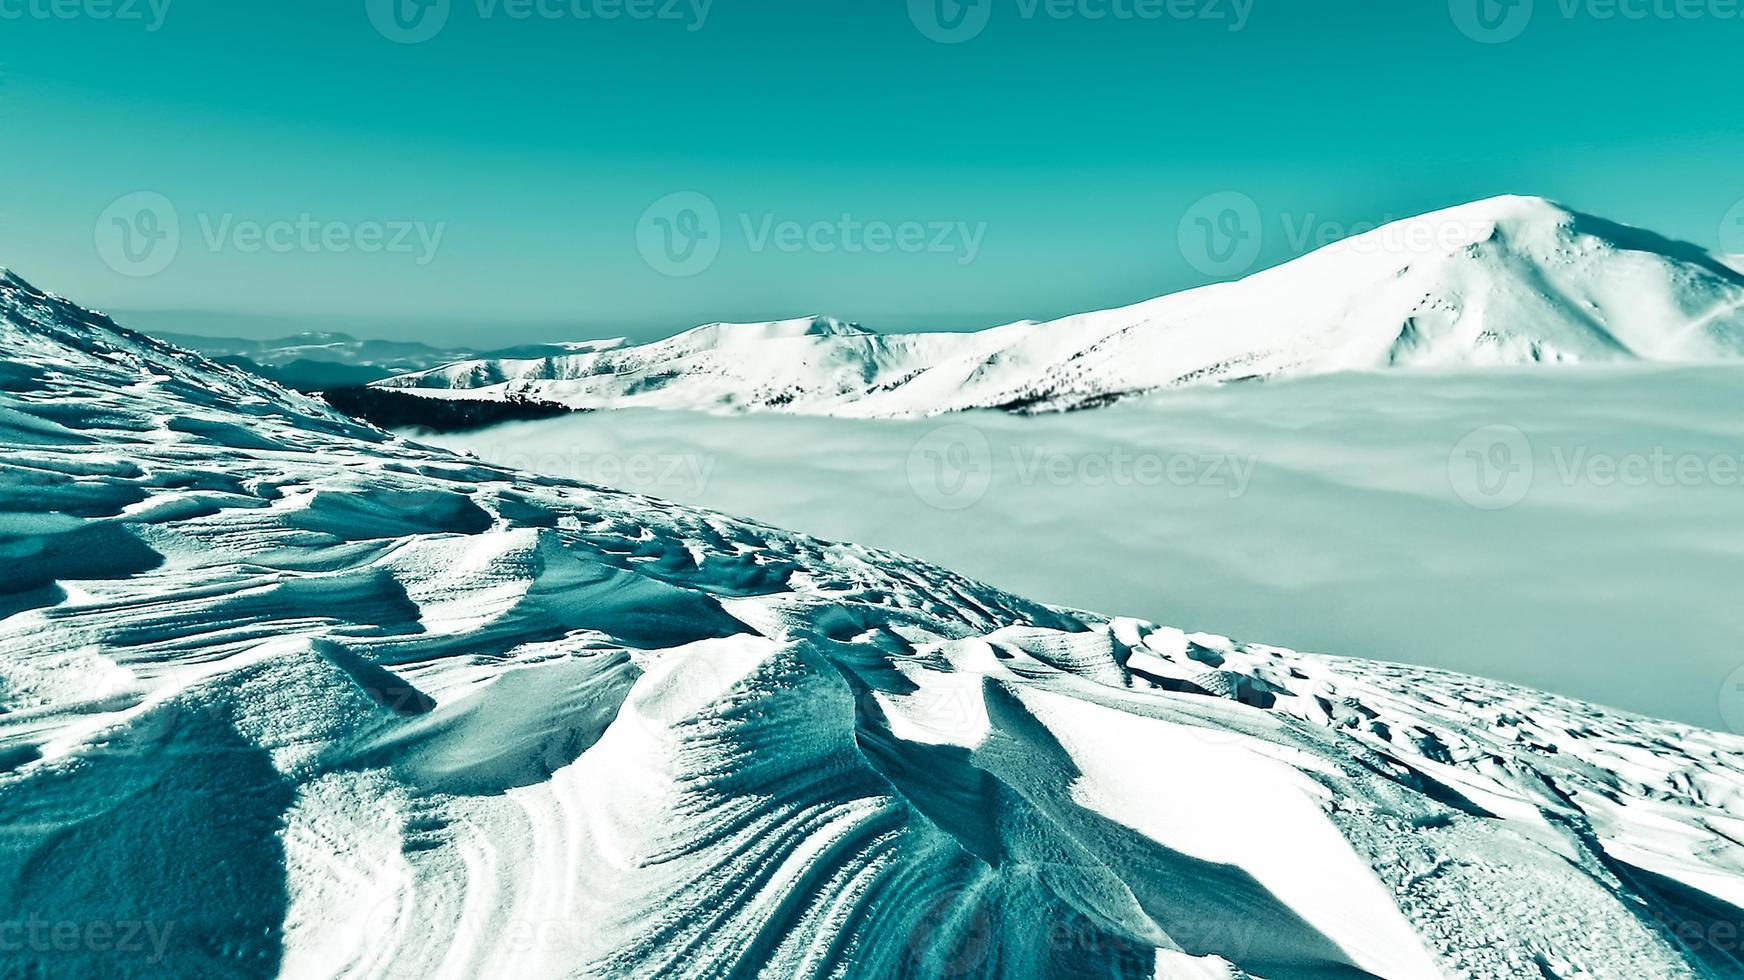 figura viento en una ladera nevada foto